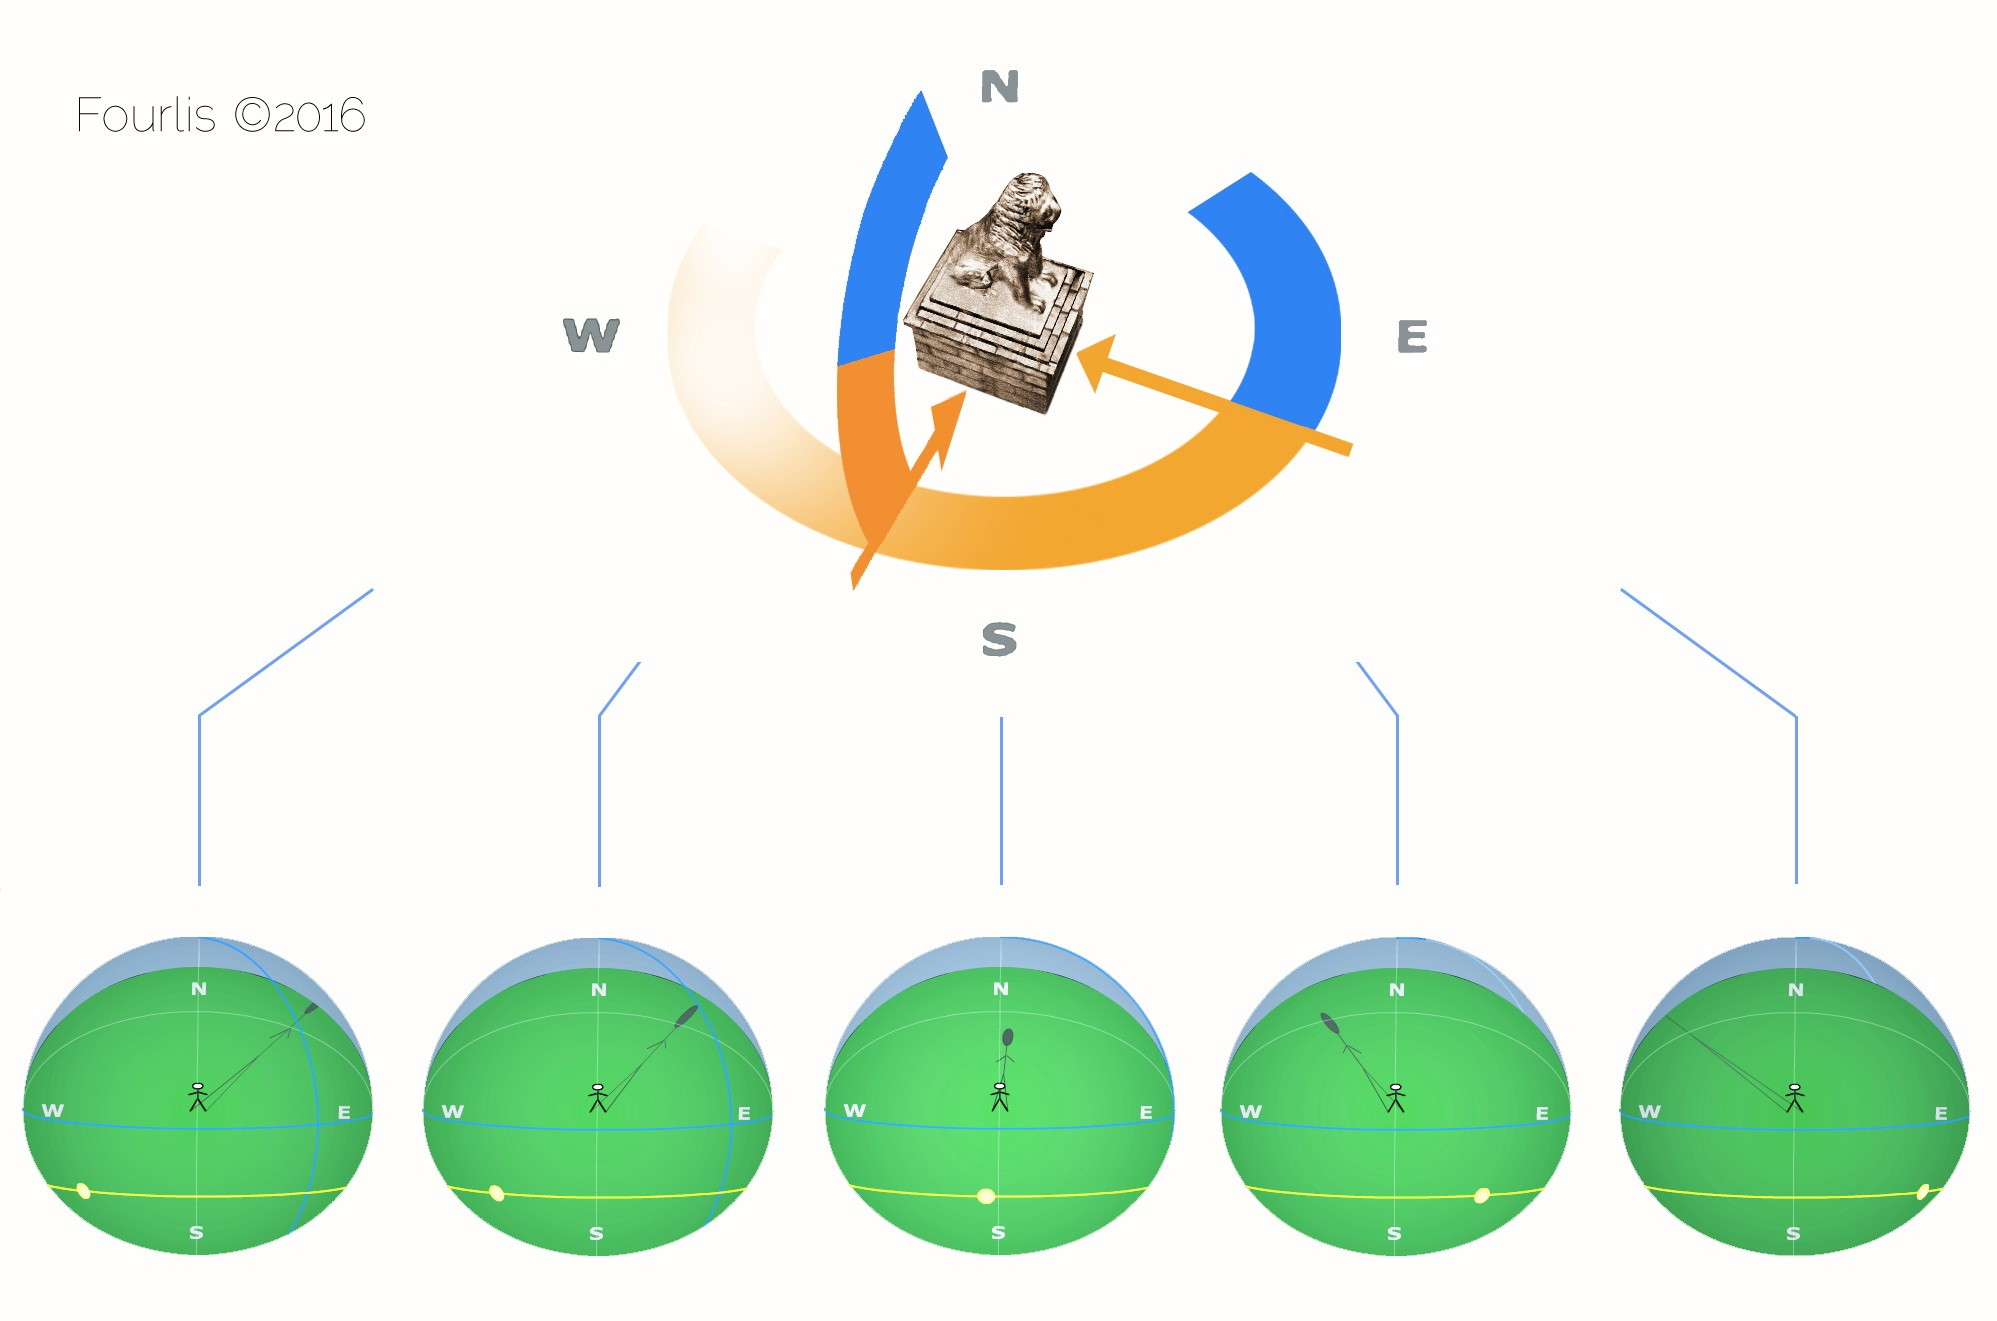 Χρονοδιάγραμμα της σκιάσεως σε σχέση με τον παρατηρητή